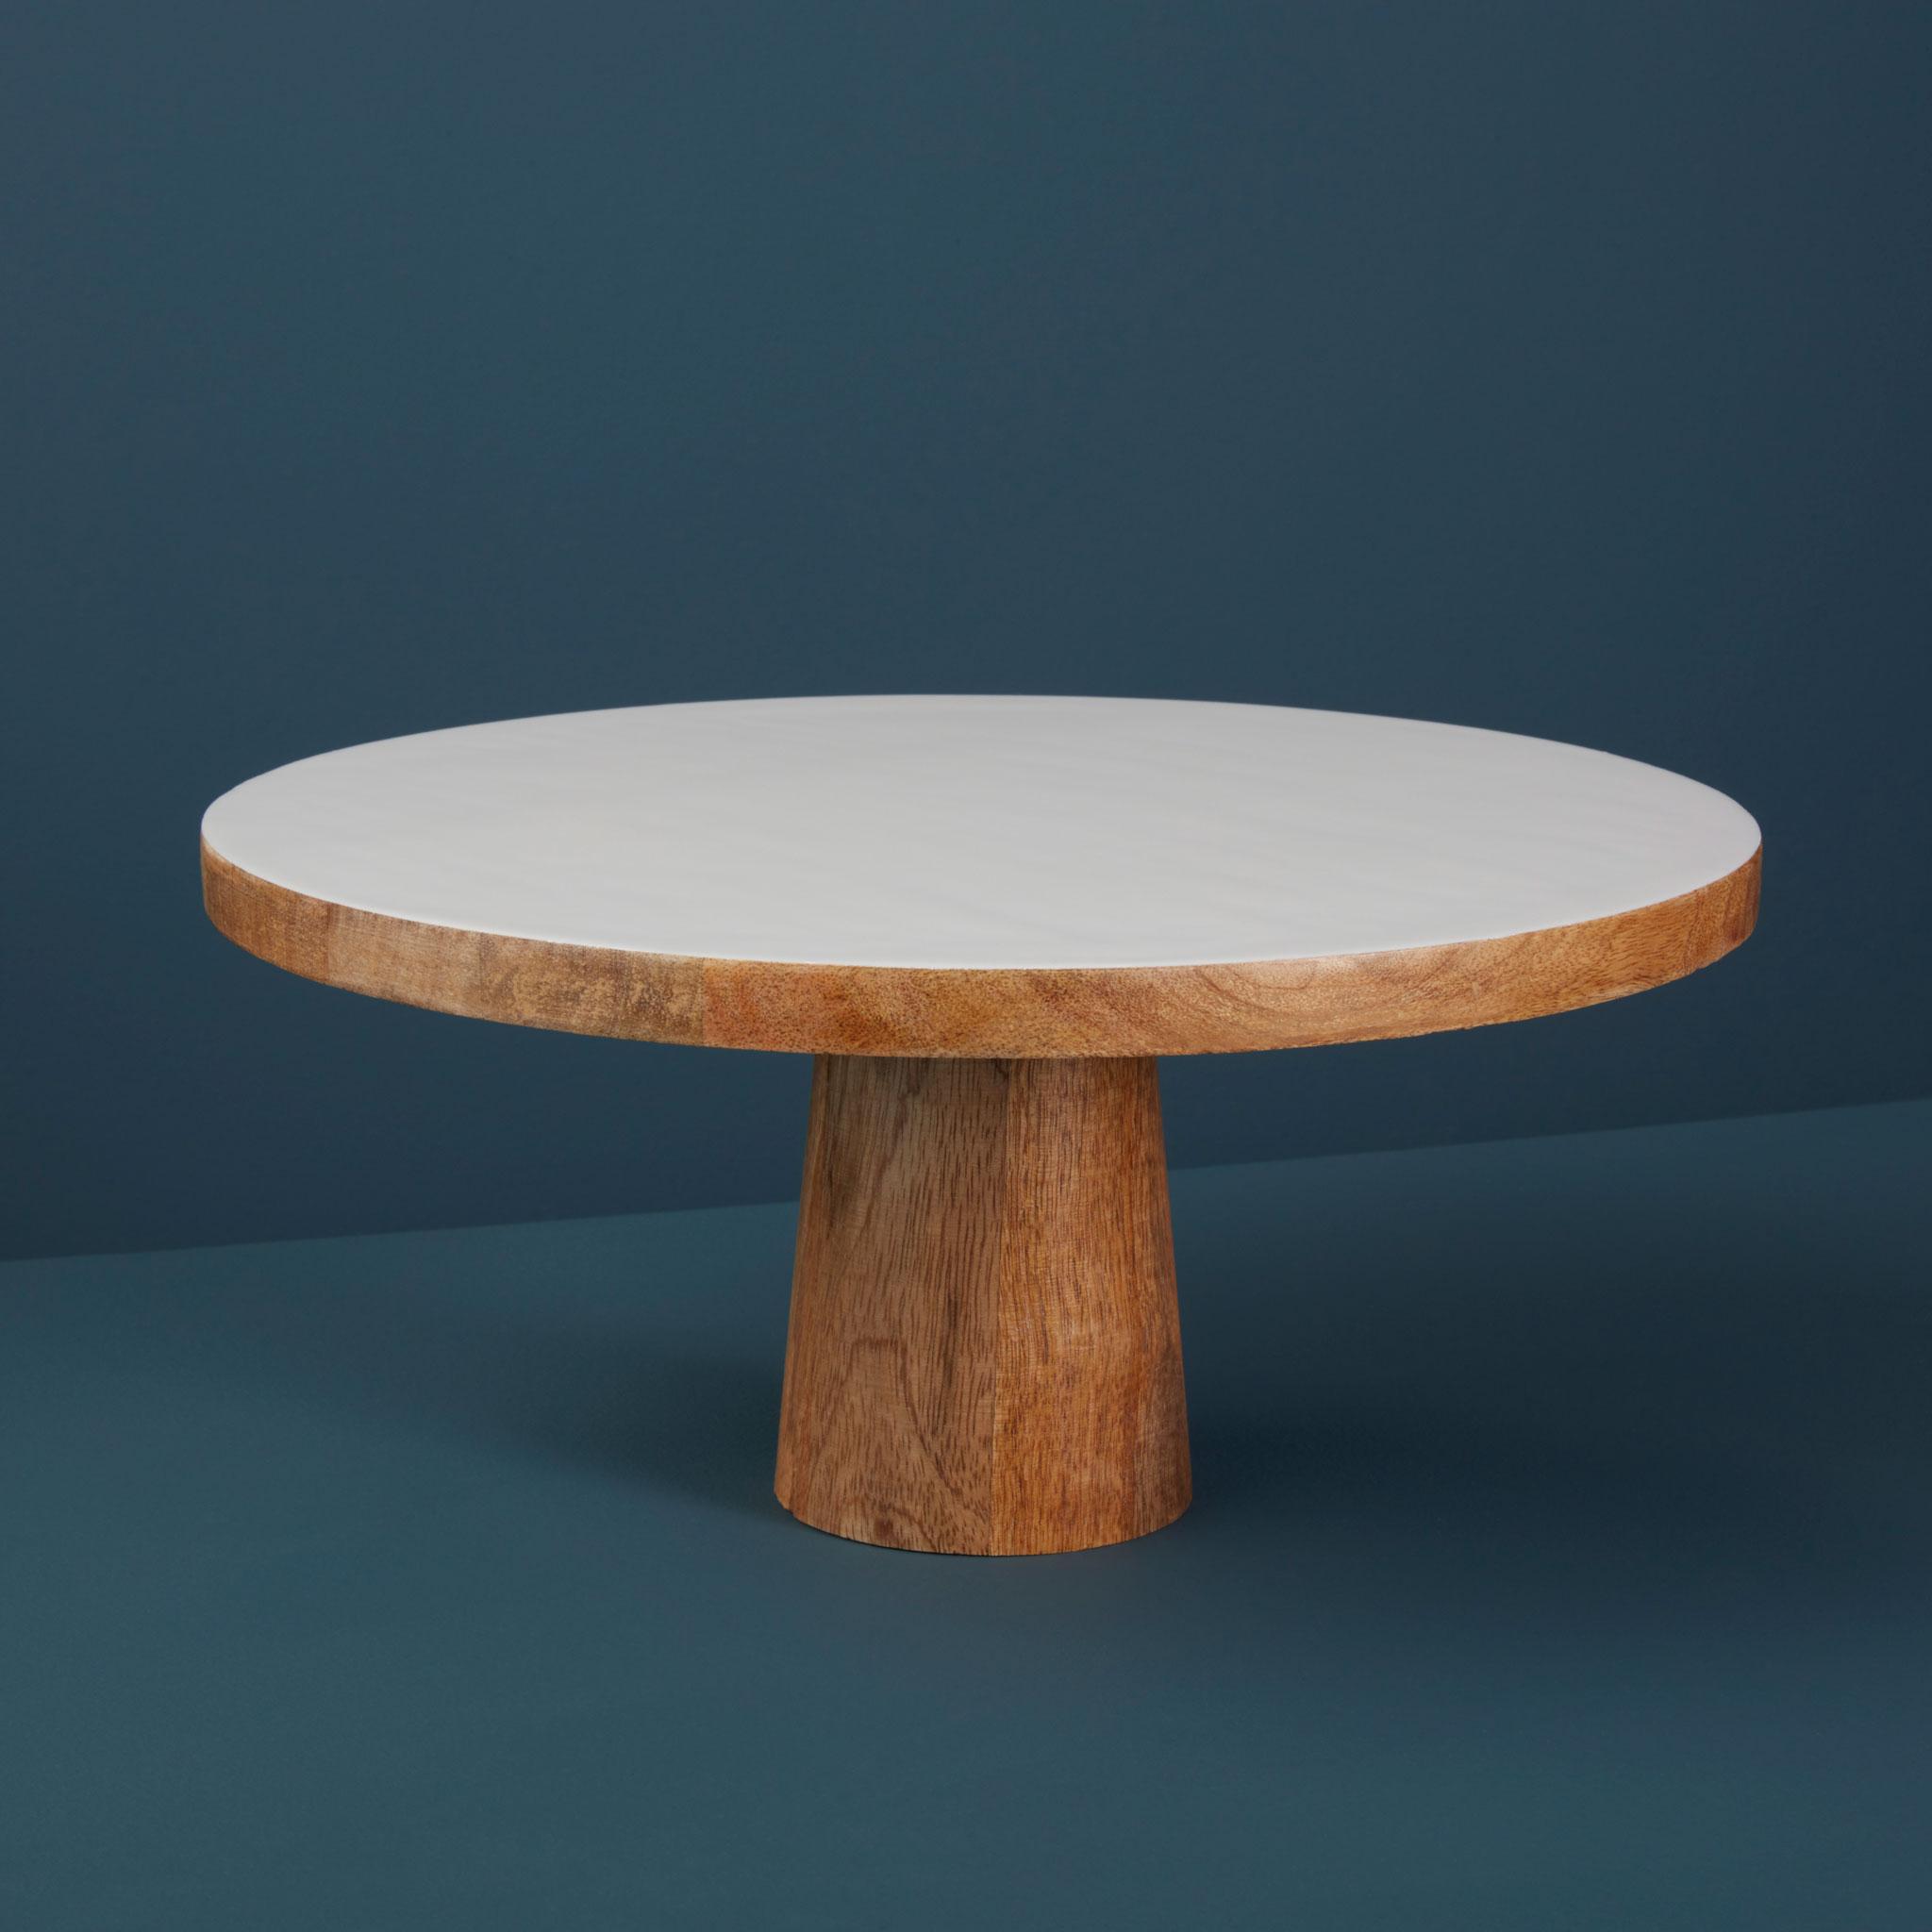 Mango wood & white enamel cake stand-$78.00